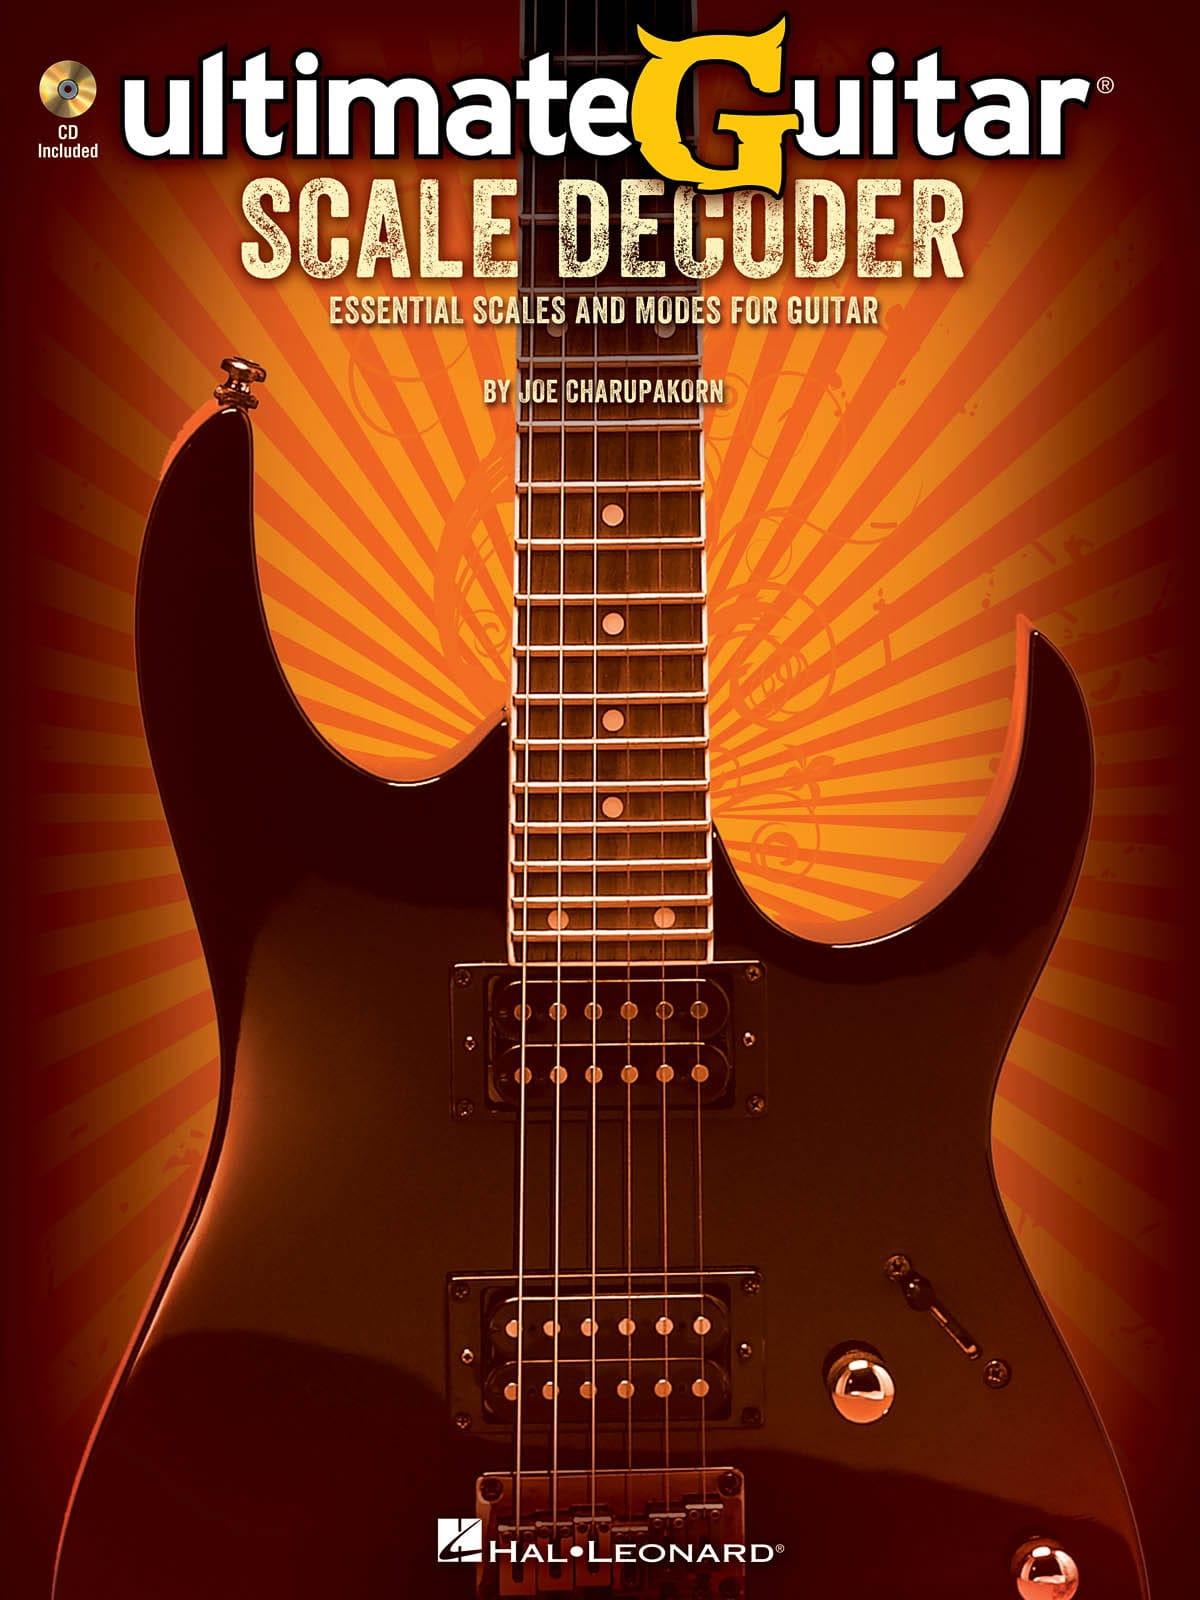 Ultimate-Guitar scale decoder - Joe Charupakorn - laflutedepan.com